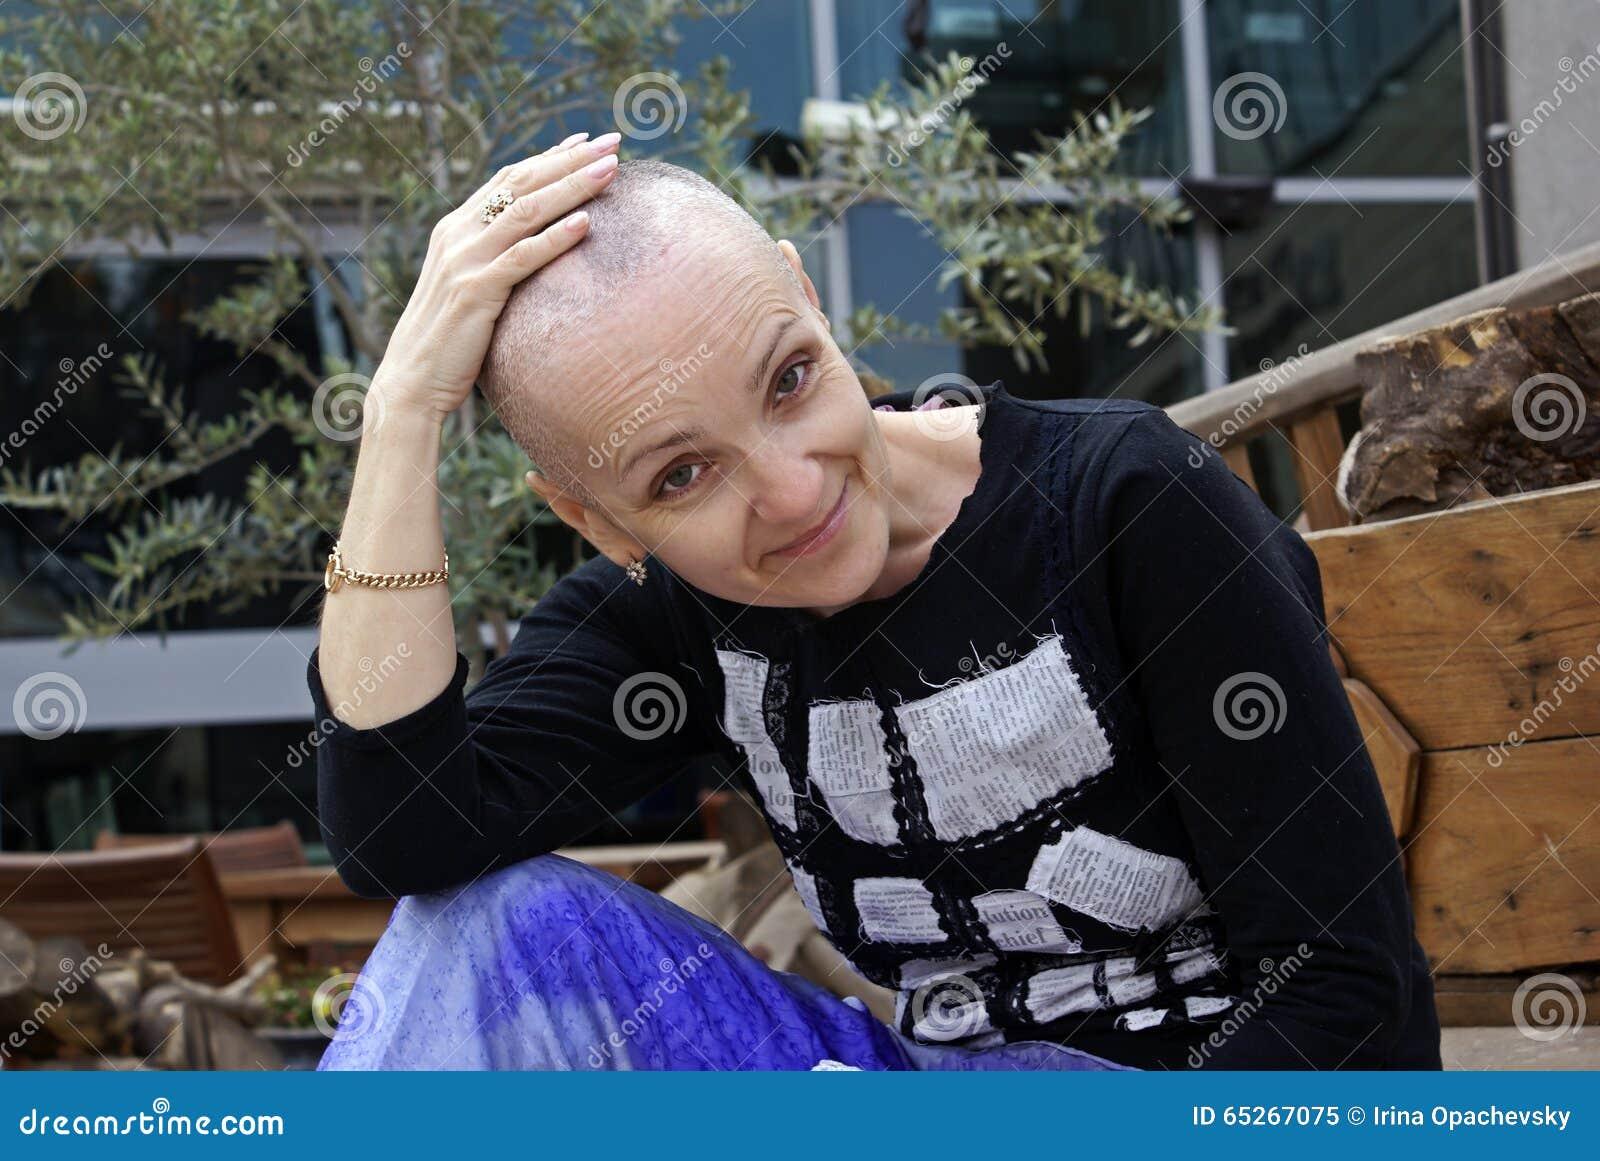 Donna Durante La Chemioterapia Immagine Stock - Immagine ...